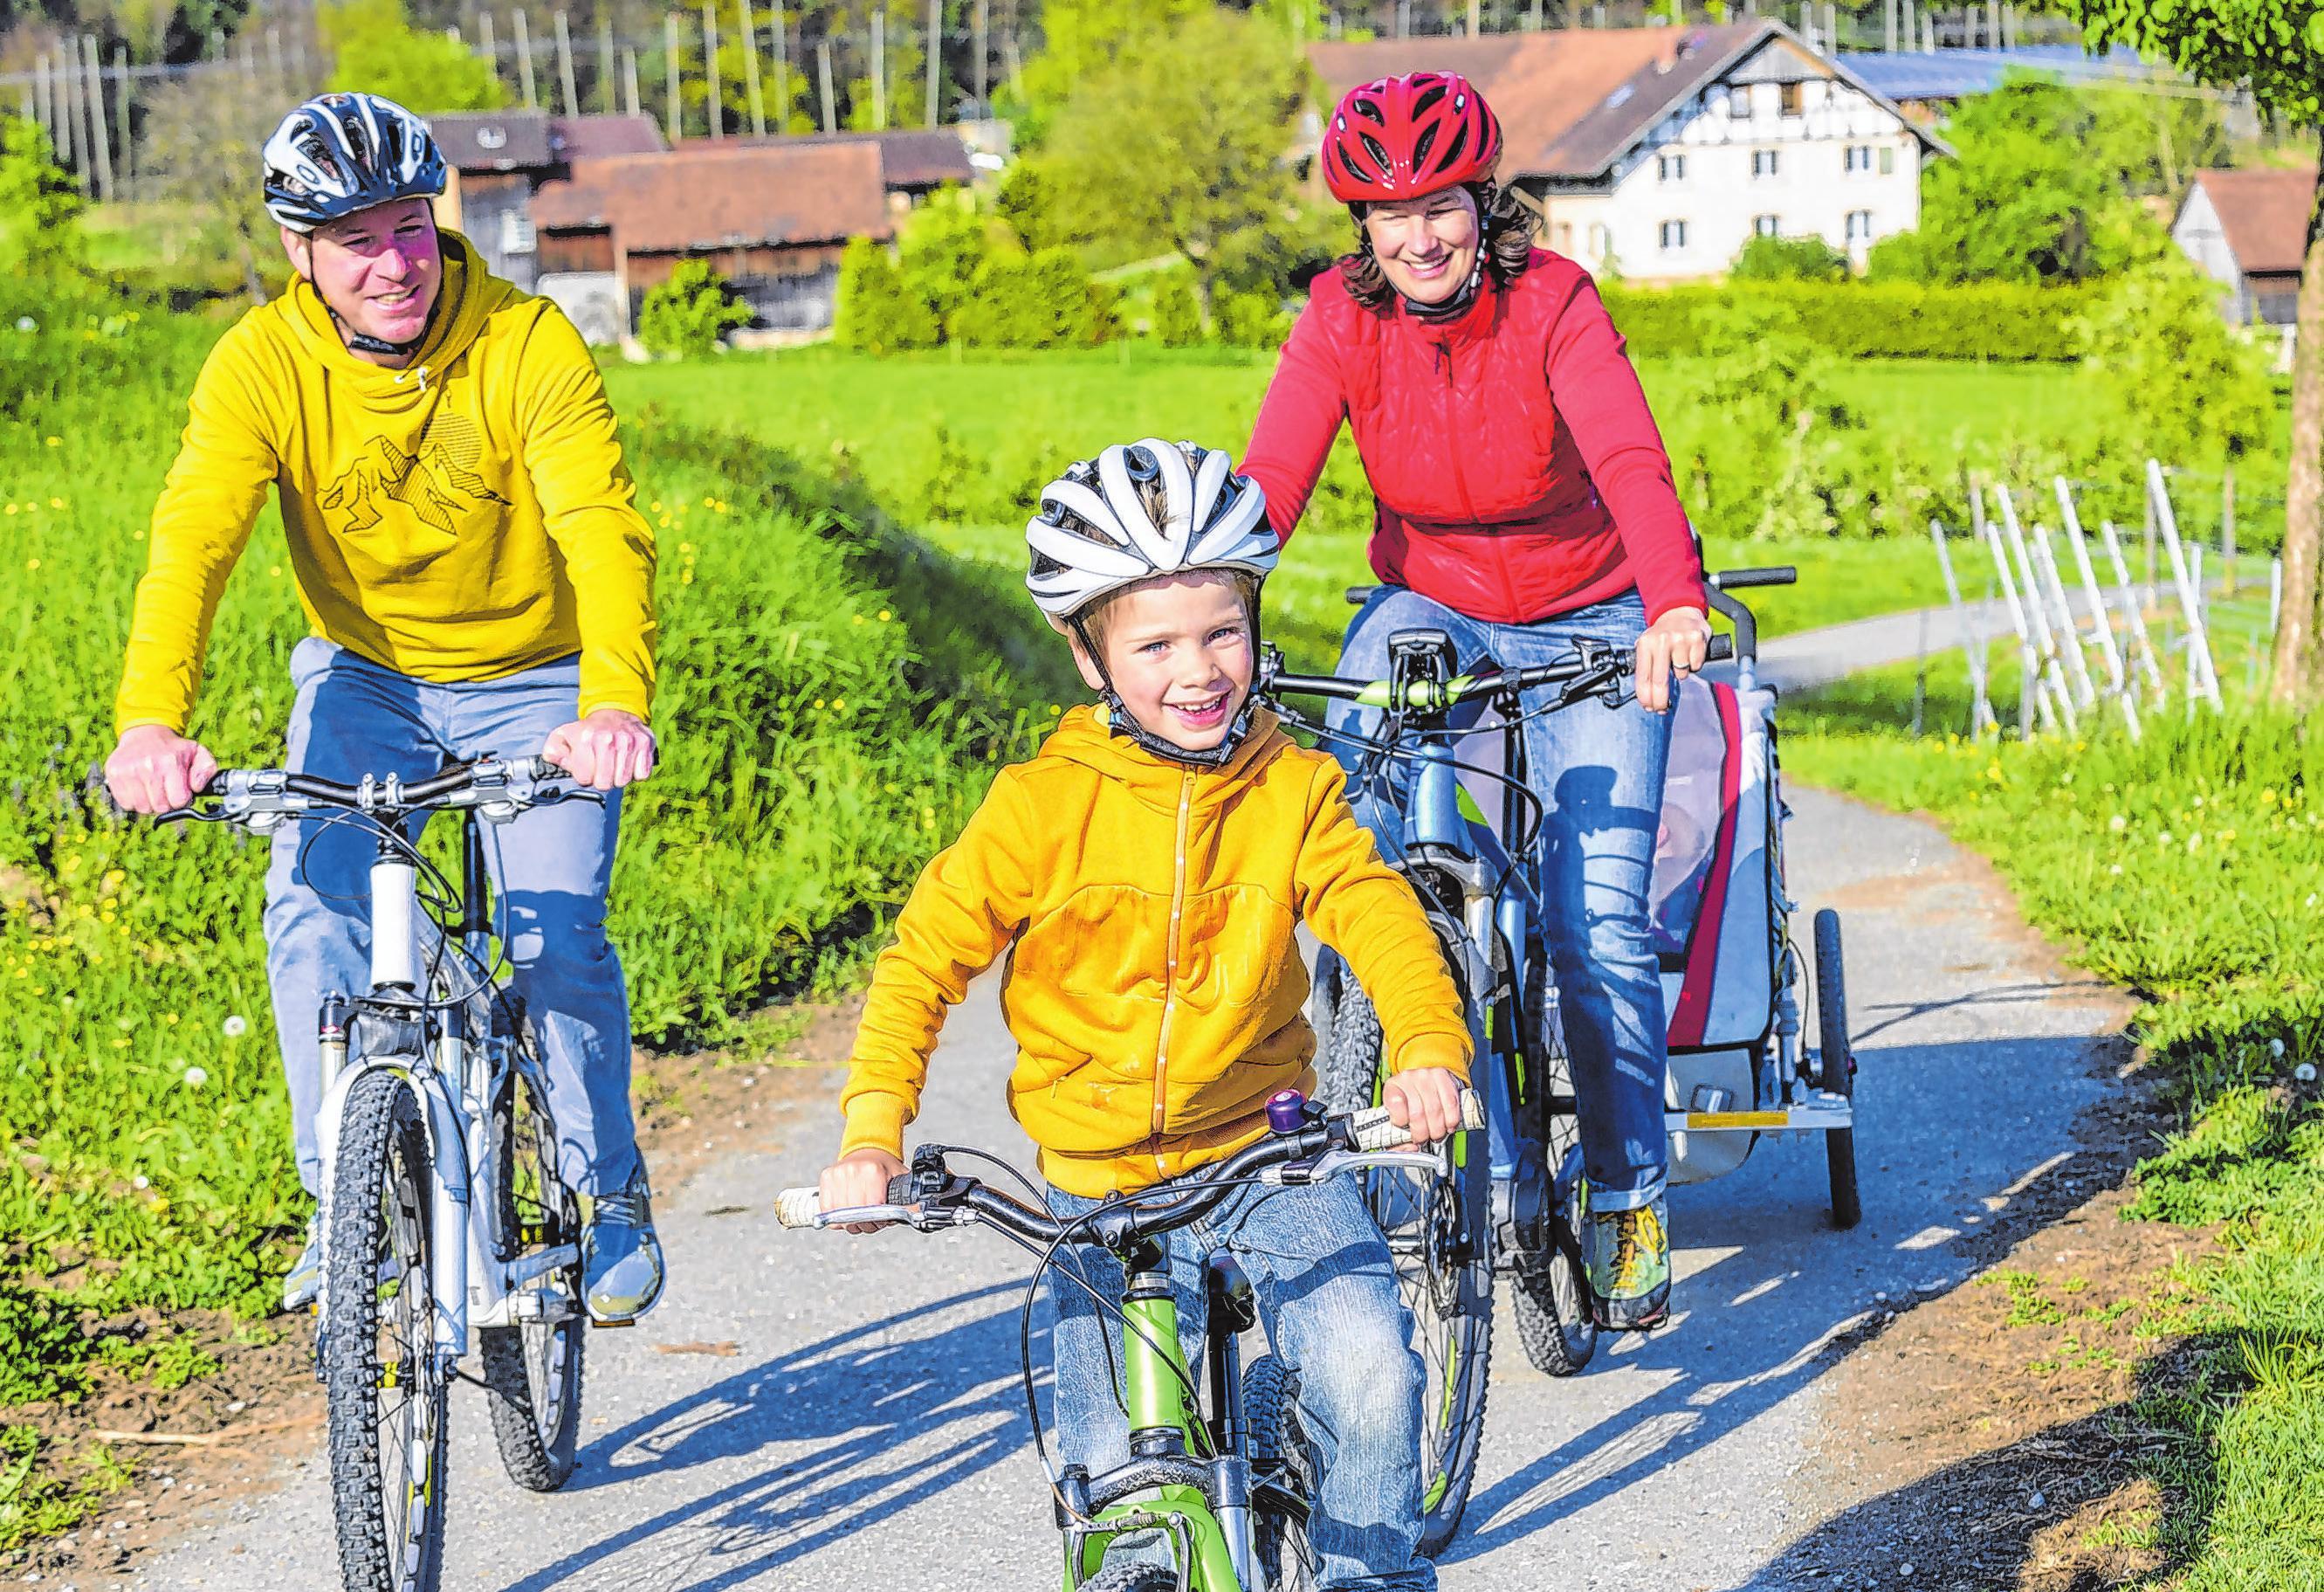 In der warmen Jahreszeit unternehmen viele Deutsche gerne einen Radausflug ins Grüne. Mit einem E-Bike macht es umso mehr Spaß. Foto: djd